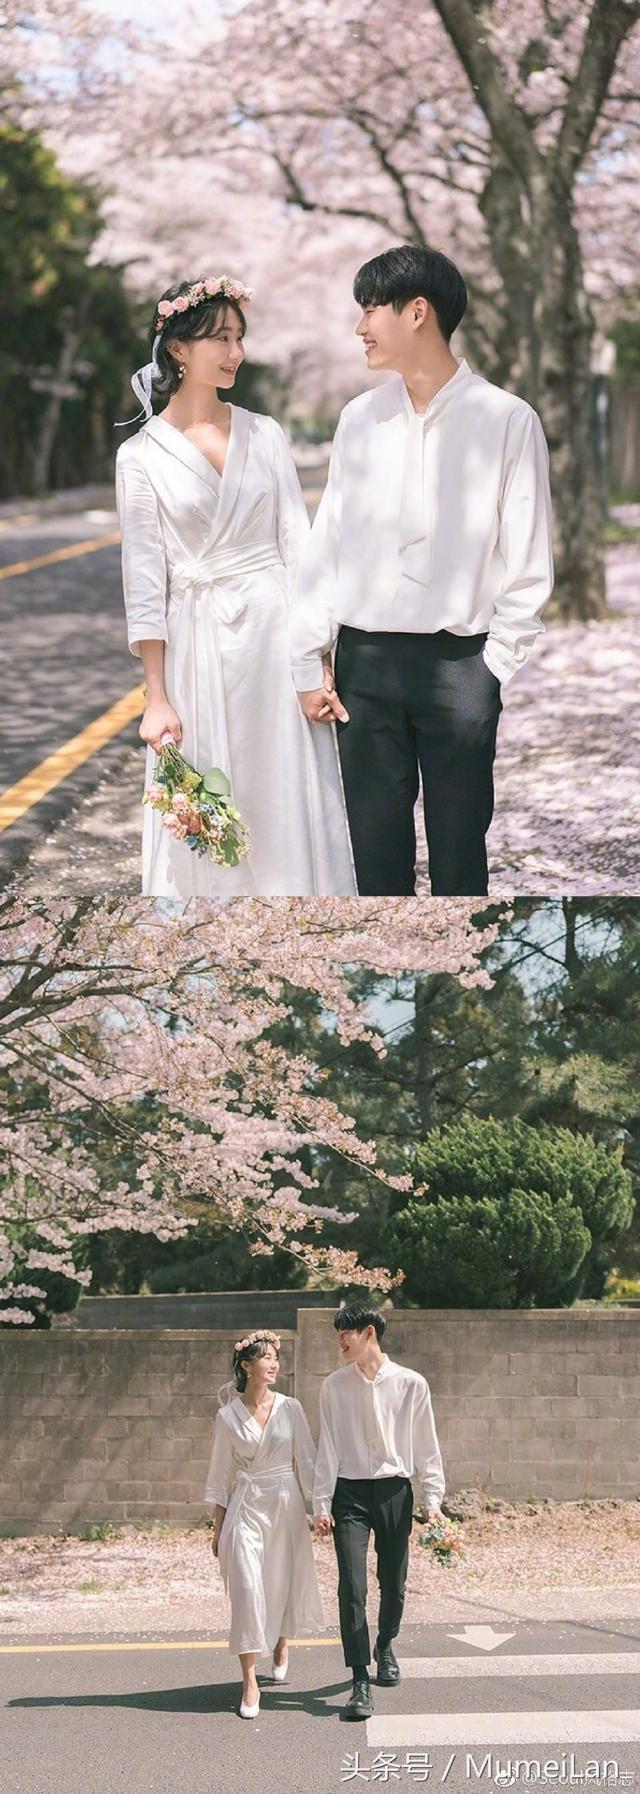 婚纱照图片大全最美